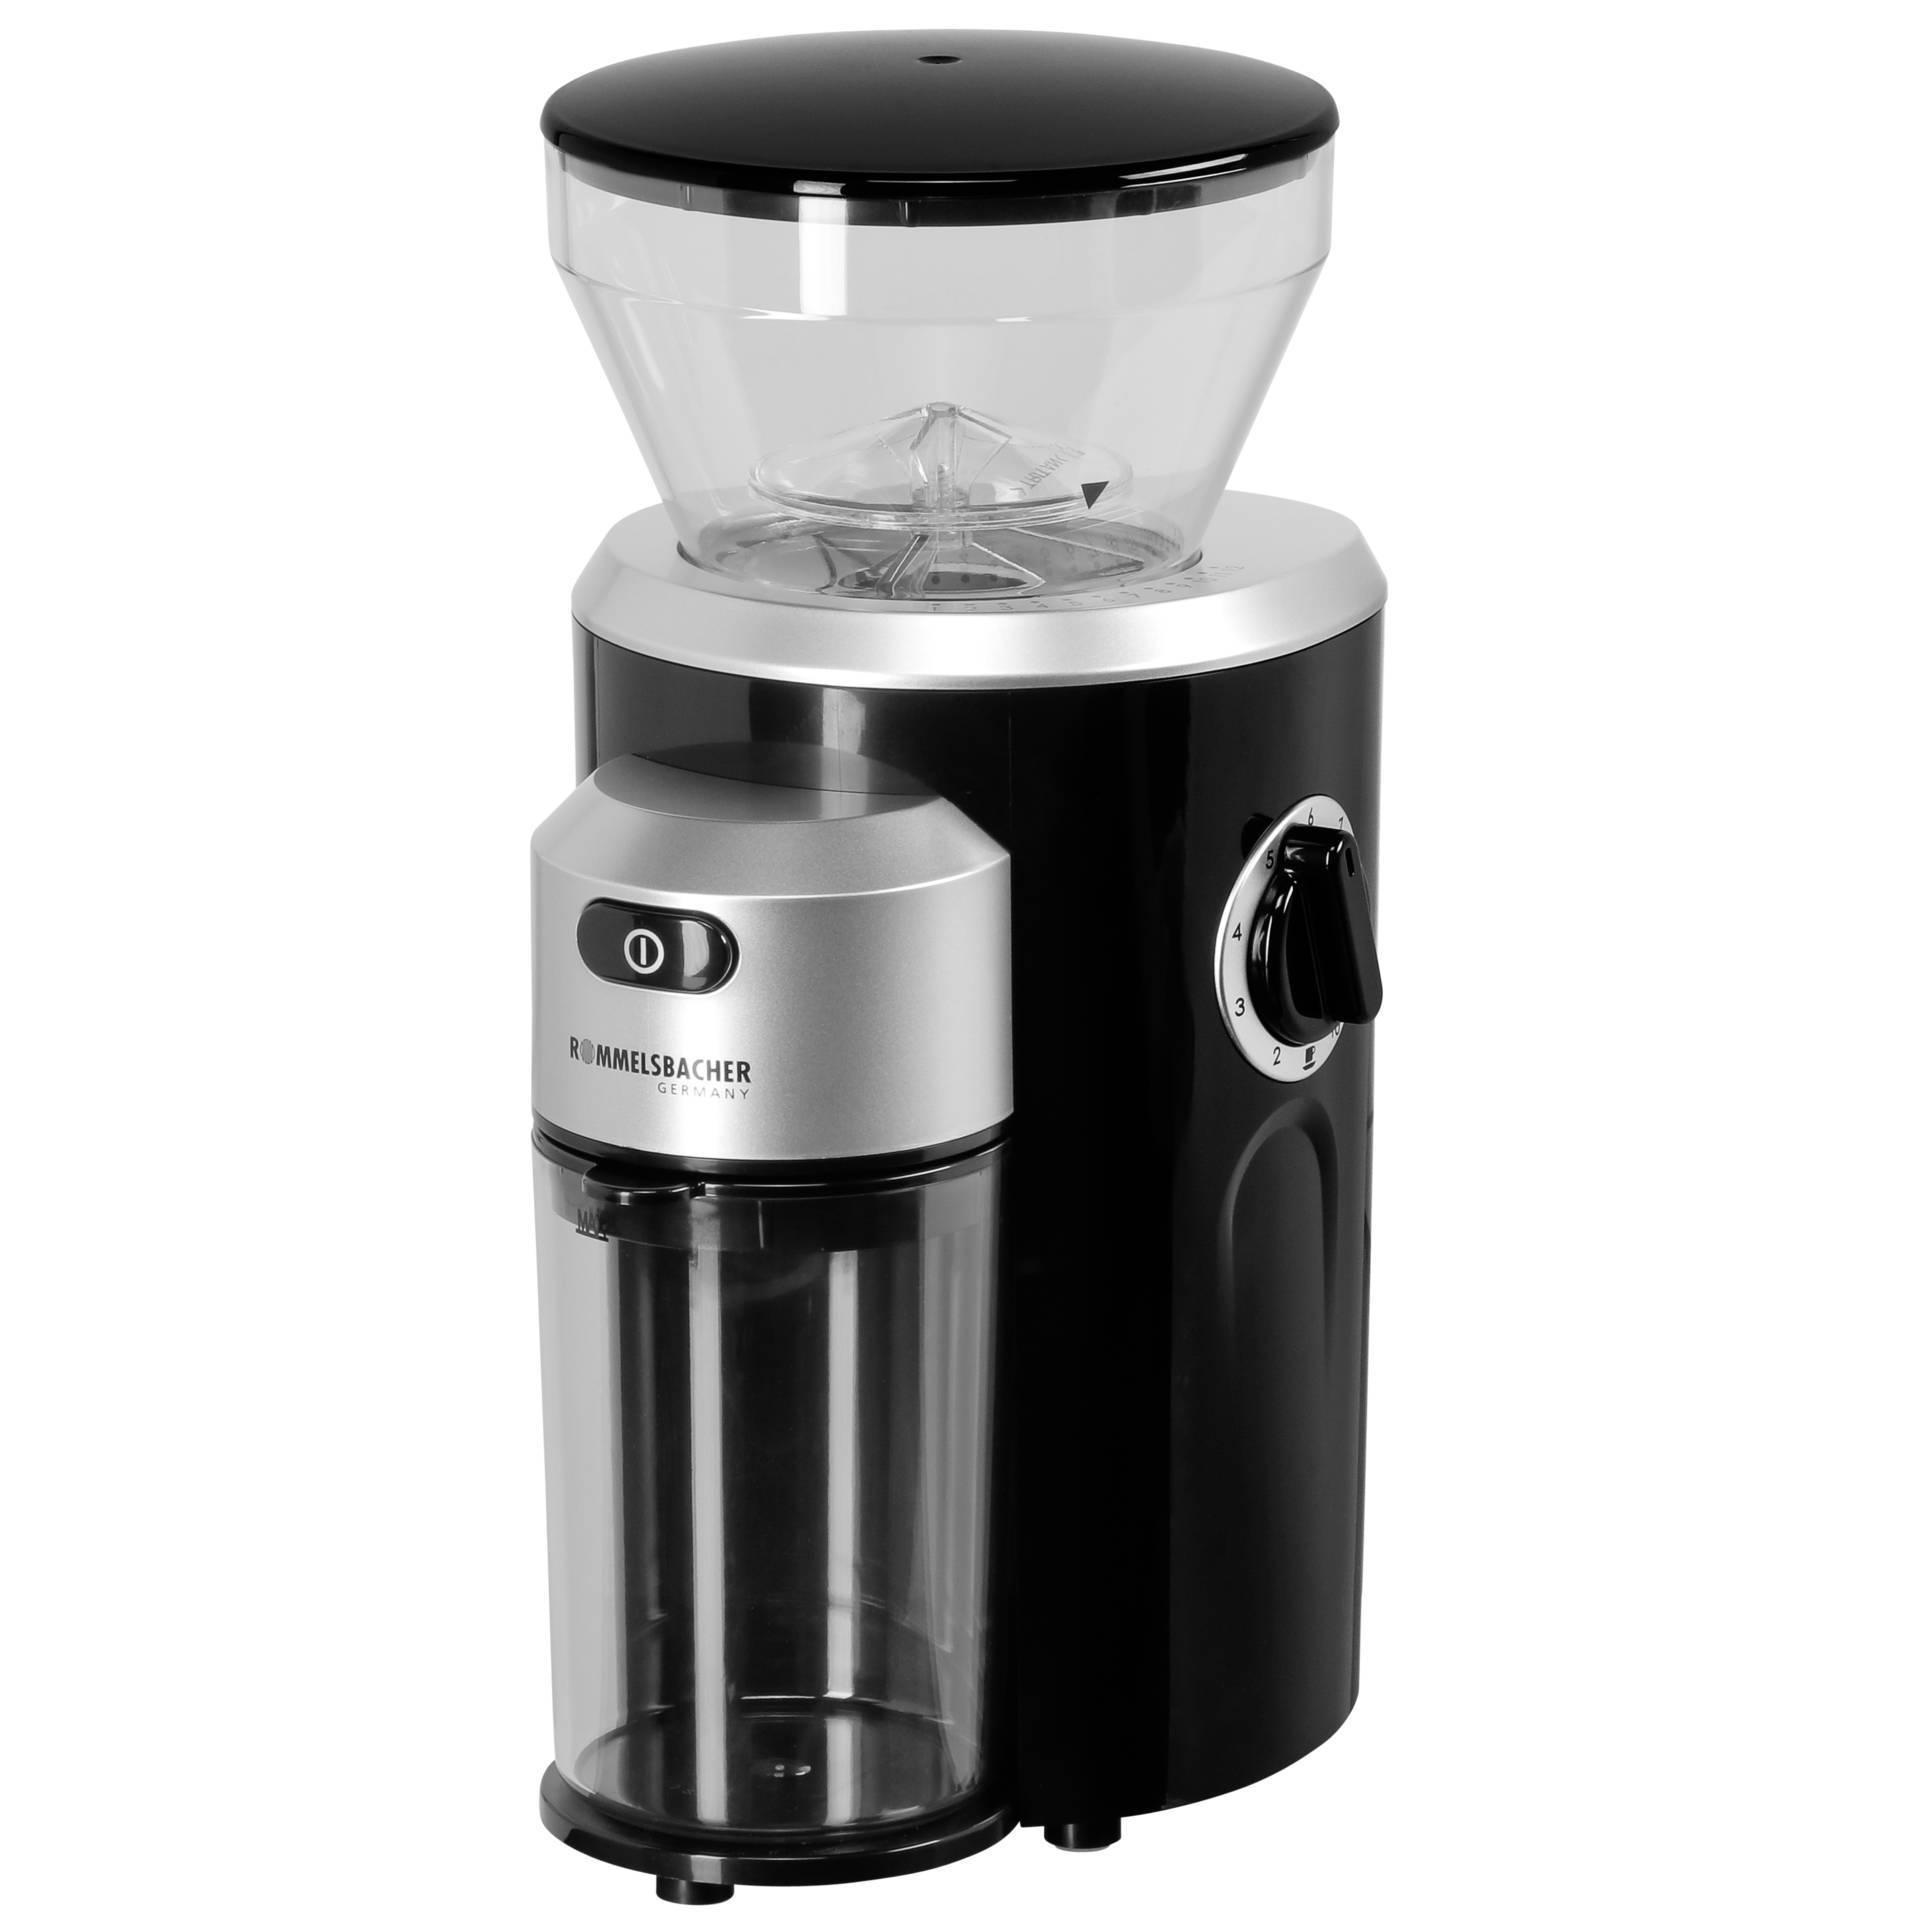 Рейтинг лучших моделей электрических кофемолок 2021 года